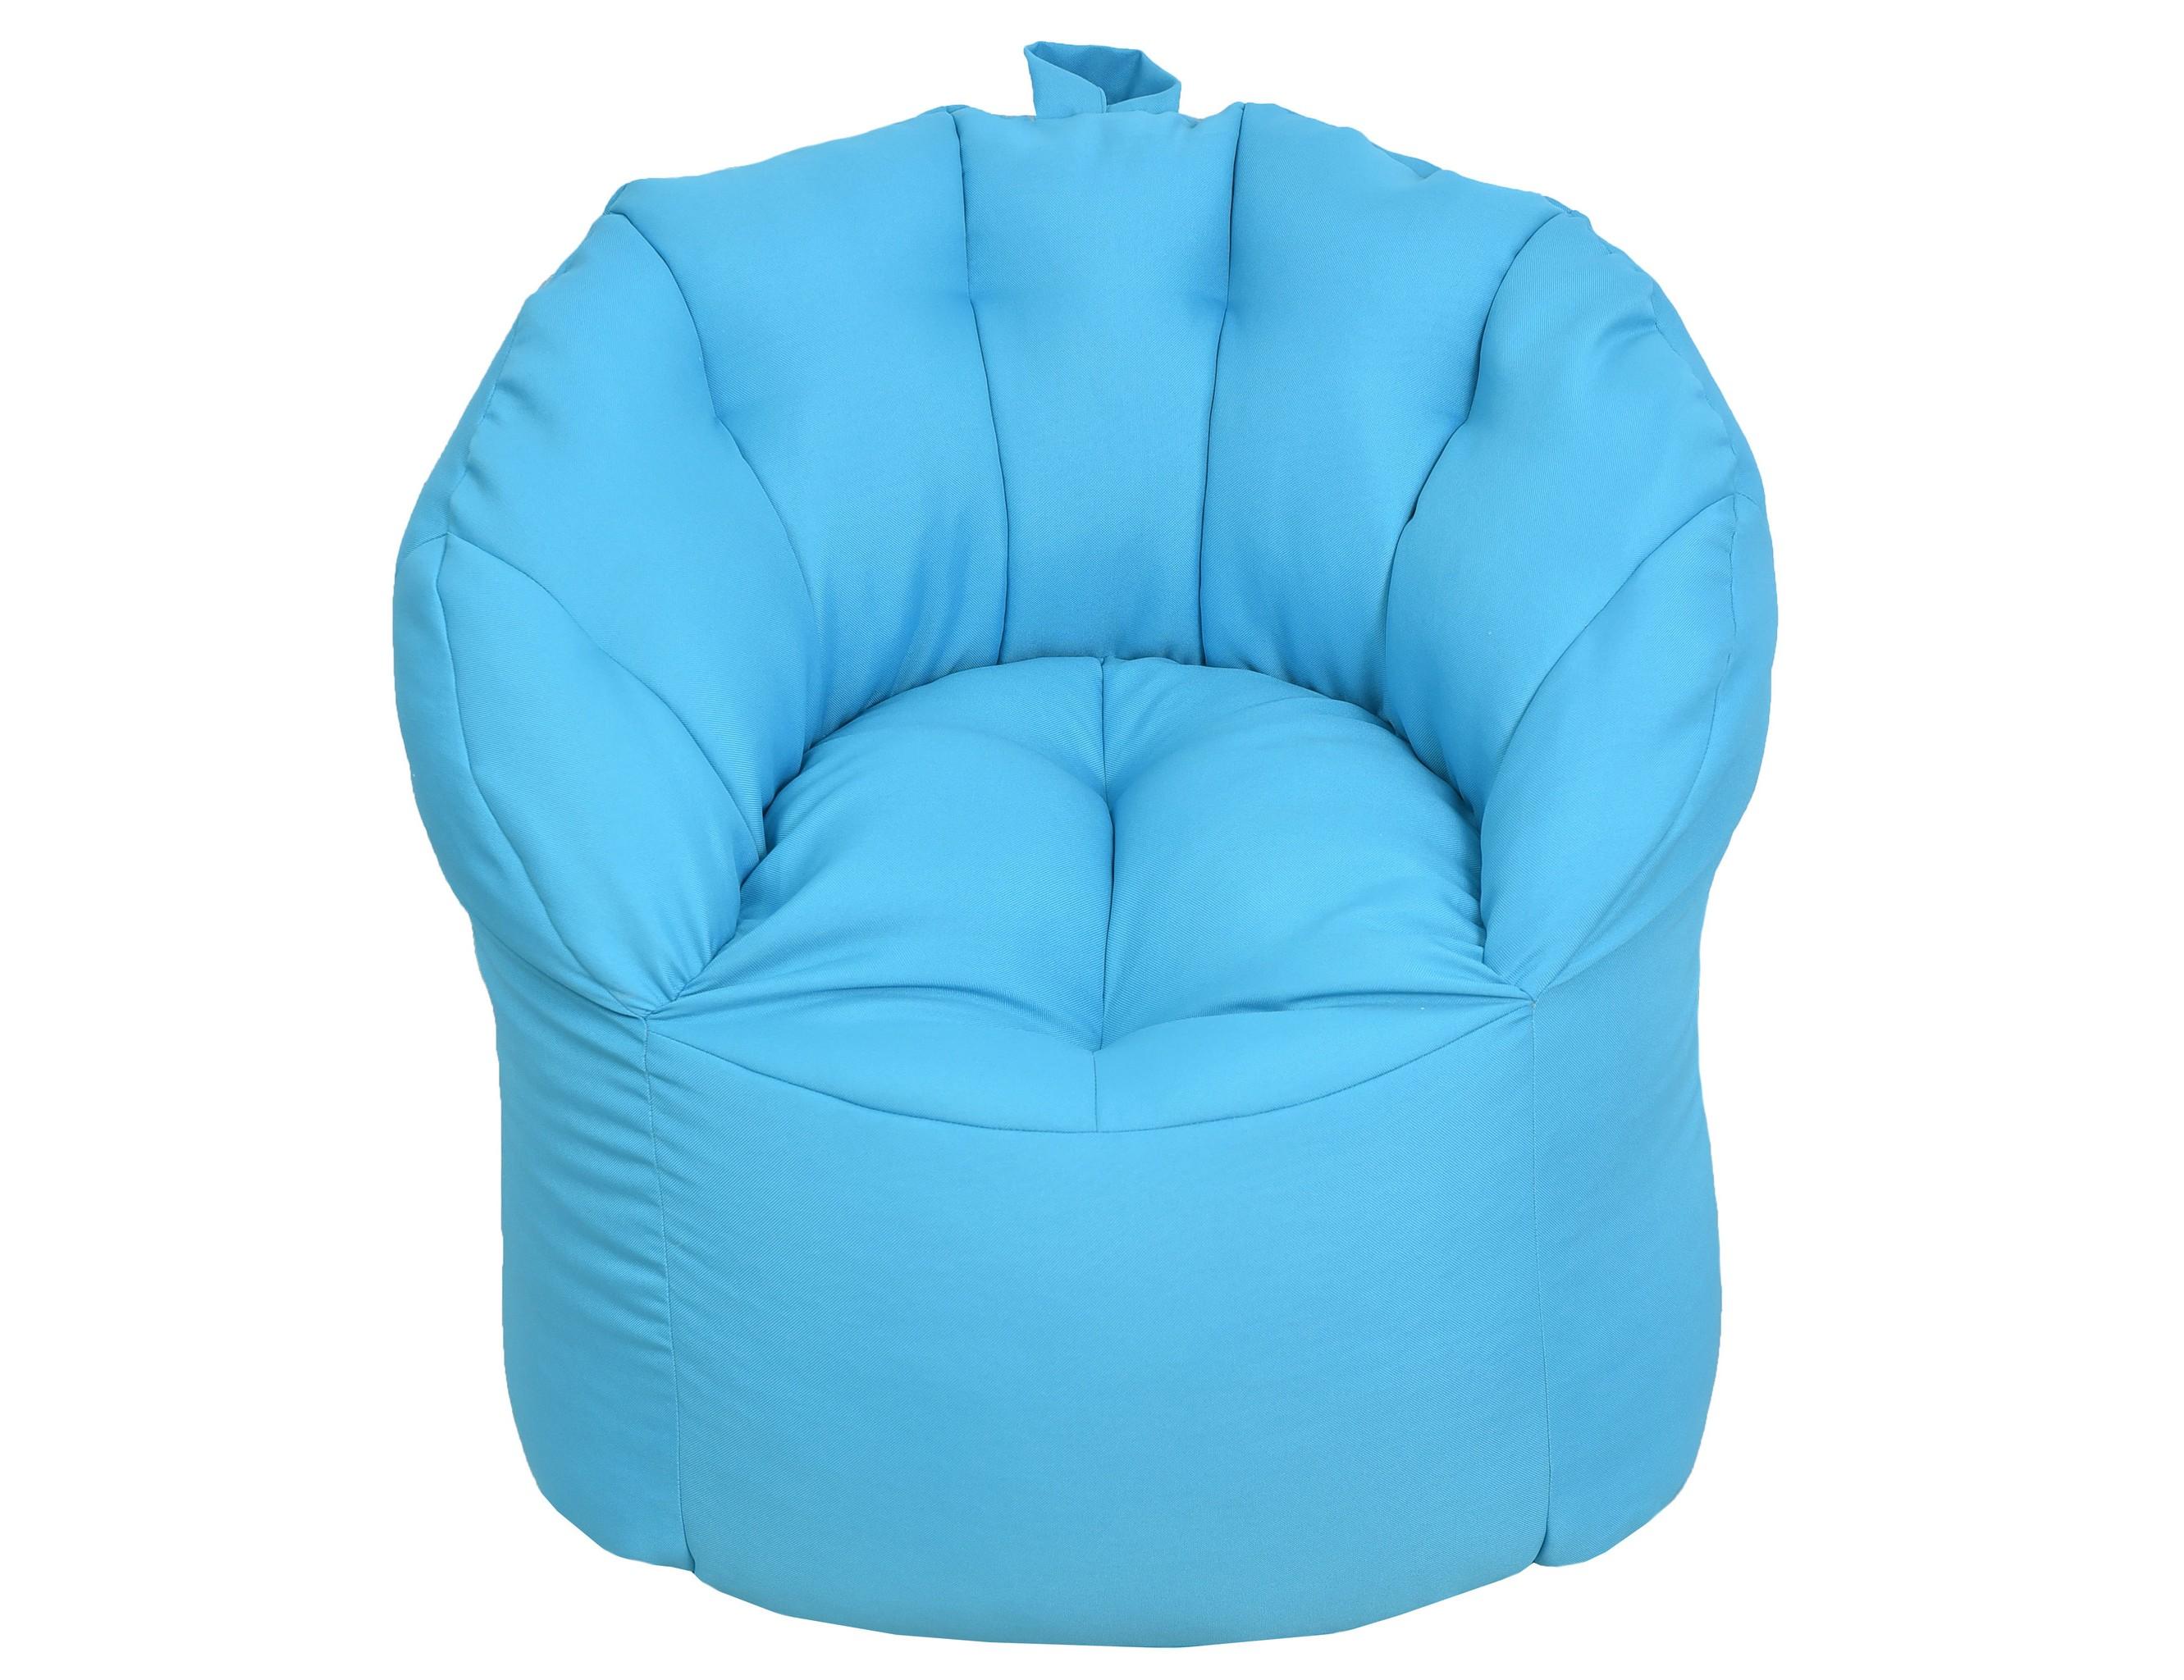 Кресло-пуфФорменные пуфы<br>Комфортное кресло-пуф станет неотьемлемой частью вашего дома. Спинка кресла держит форму и обеспечивает круговую поддержку для спины за счет особой системы пошива. Кресло имеет 2 независимых отсека для наполнителя. Эксклюзивная   ткань разбавит ваш интерьер яркими красками.<br><br>Material: Текстиль<br>Length см: None<br>Width см: 75<br>Depth см: 65<br>Height см: 80